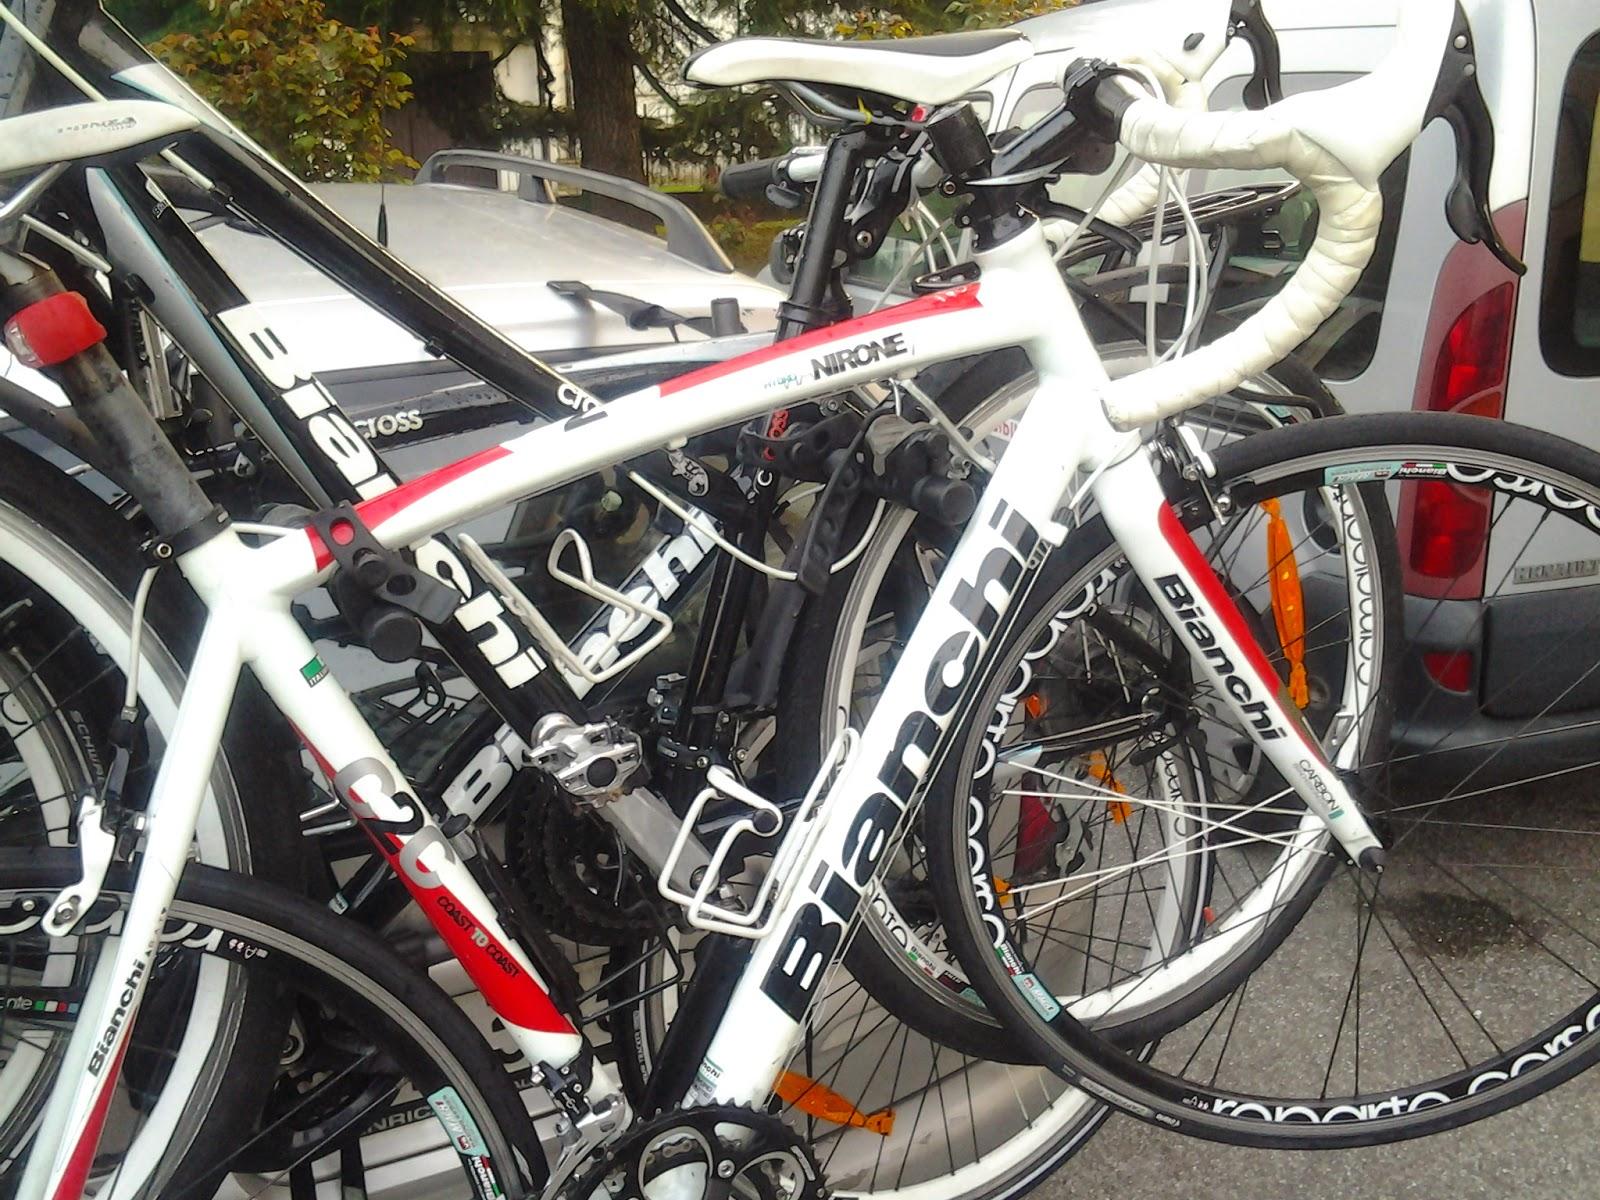 bianchi italian bicycle